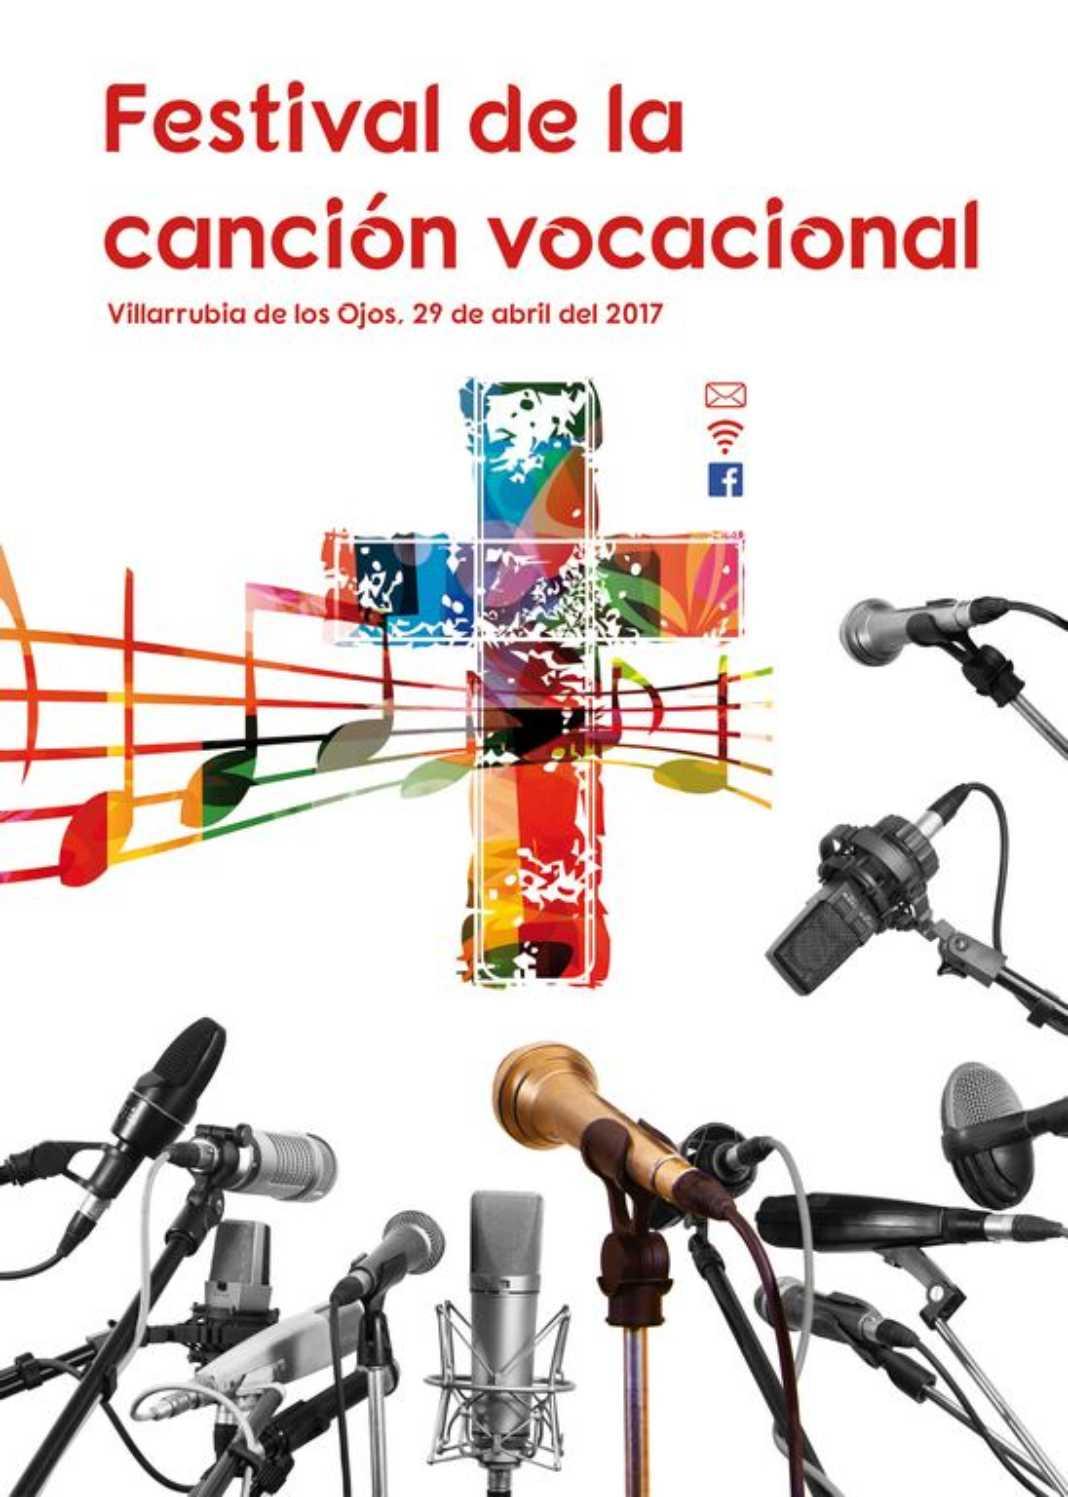 cancion vocacional21 1068x1497 - Miguel de Cis Adar, presente en el I Festival de la Canción Vocacional en Villarrubia de los Ojos